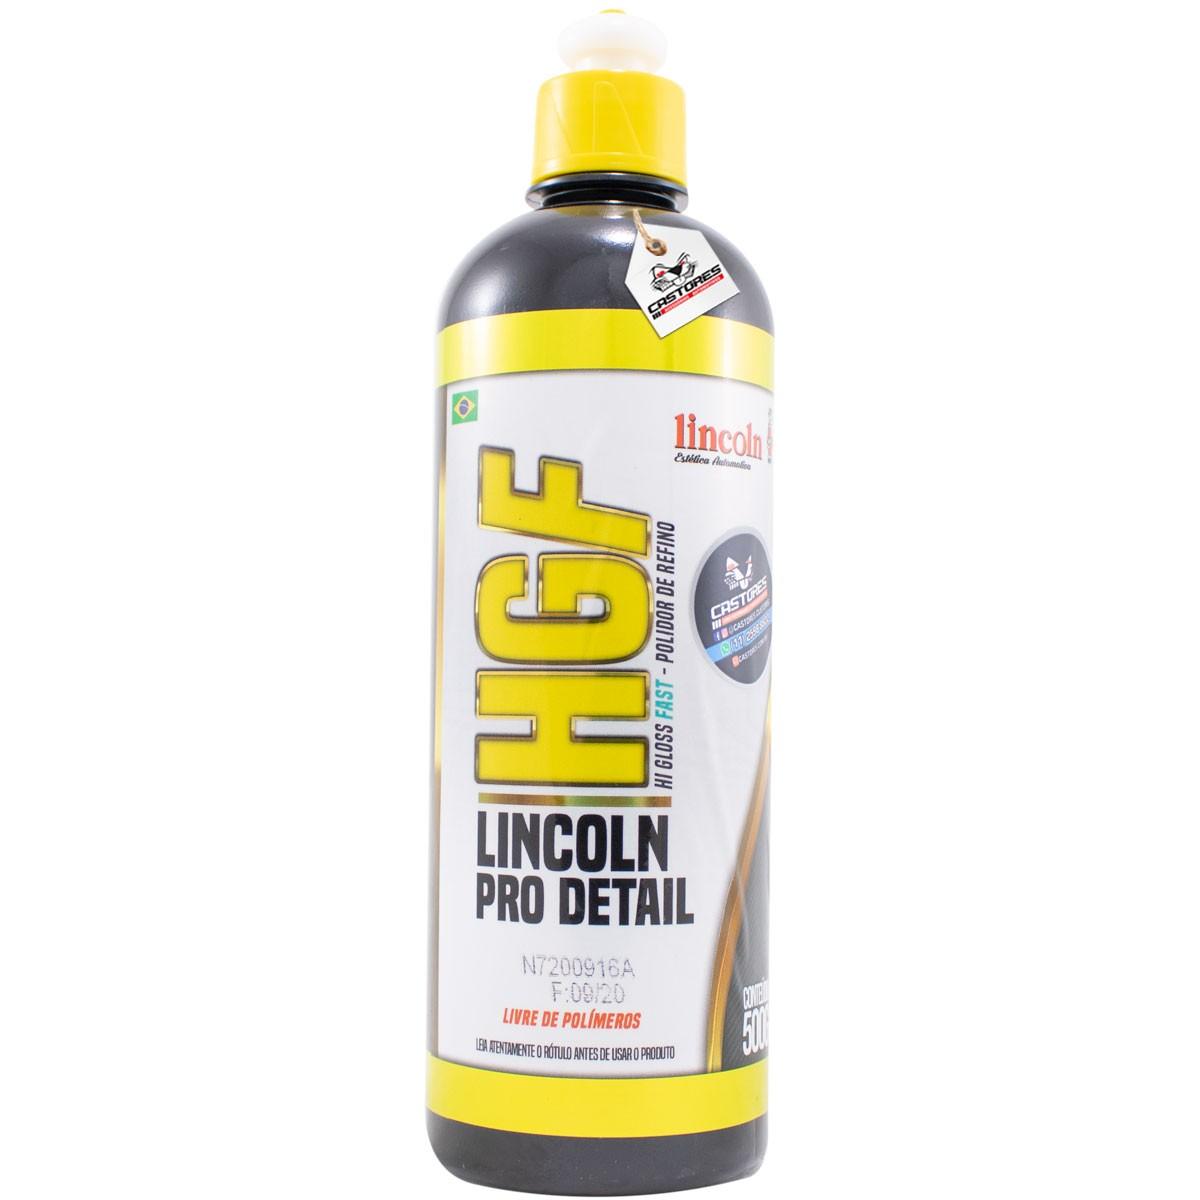 Kit Polimento Fast Lincoln Corte Refino Lustro